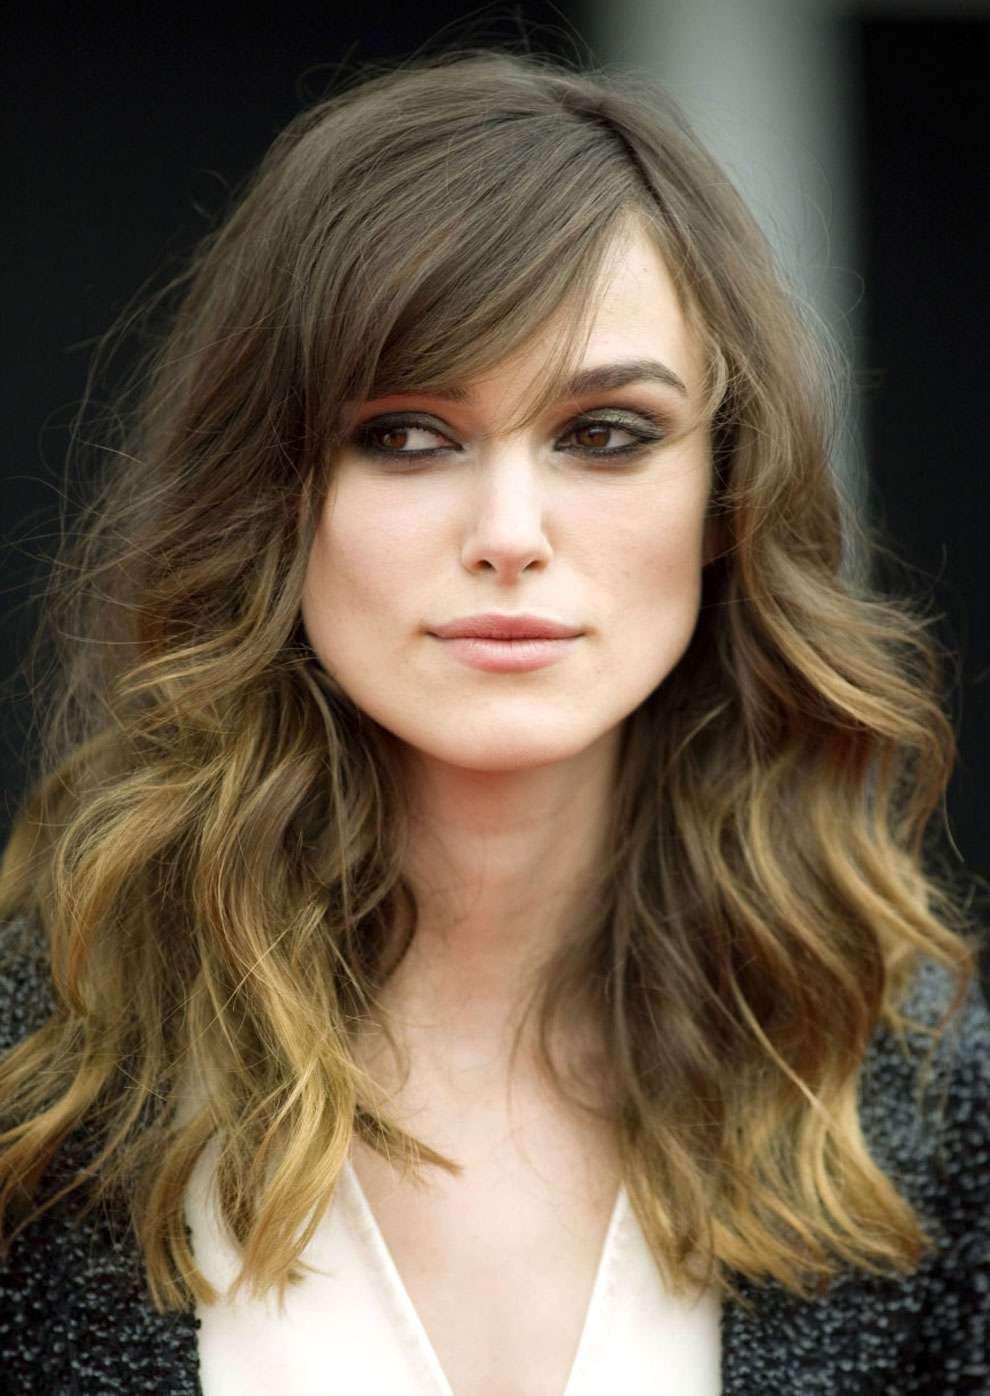 Yuz Sekline Gore Sac Modeli Uzun Sac Kesimleri Kahkul Uzun Sac